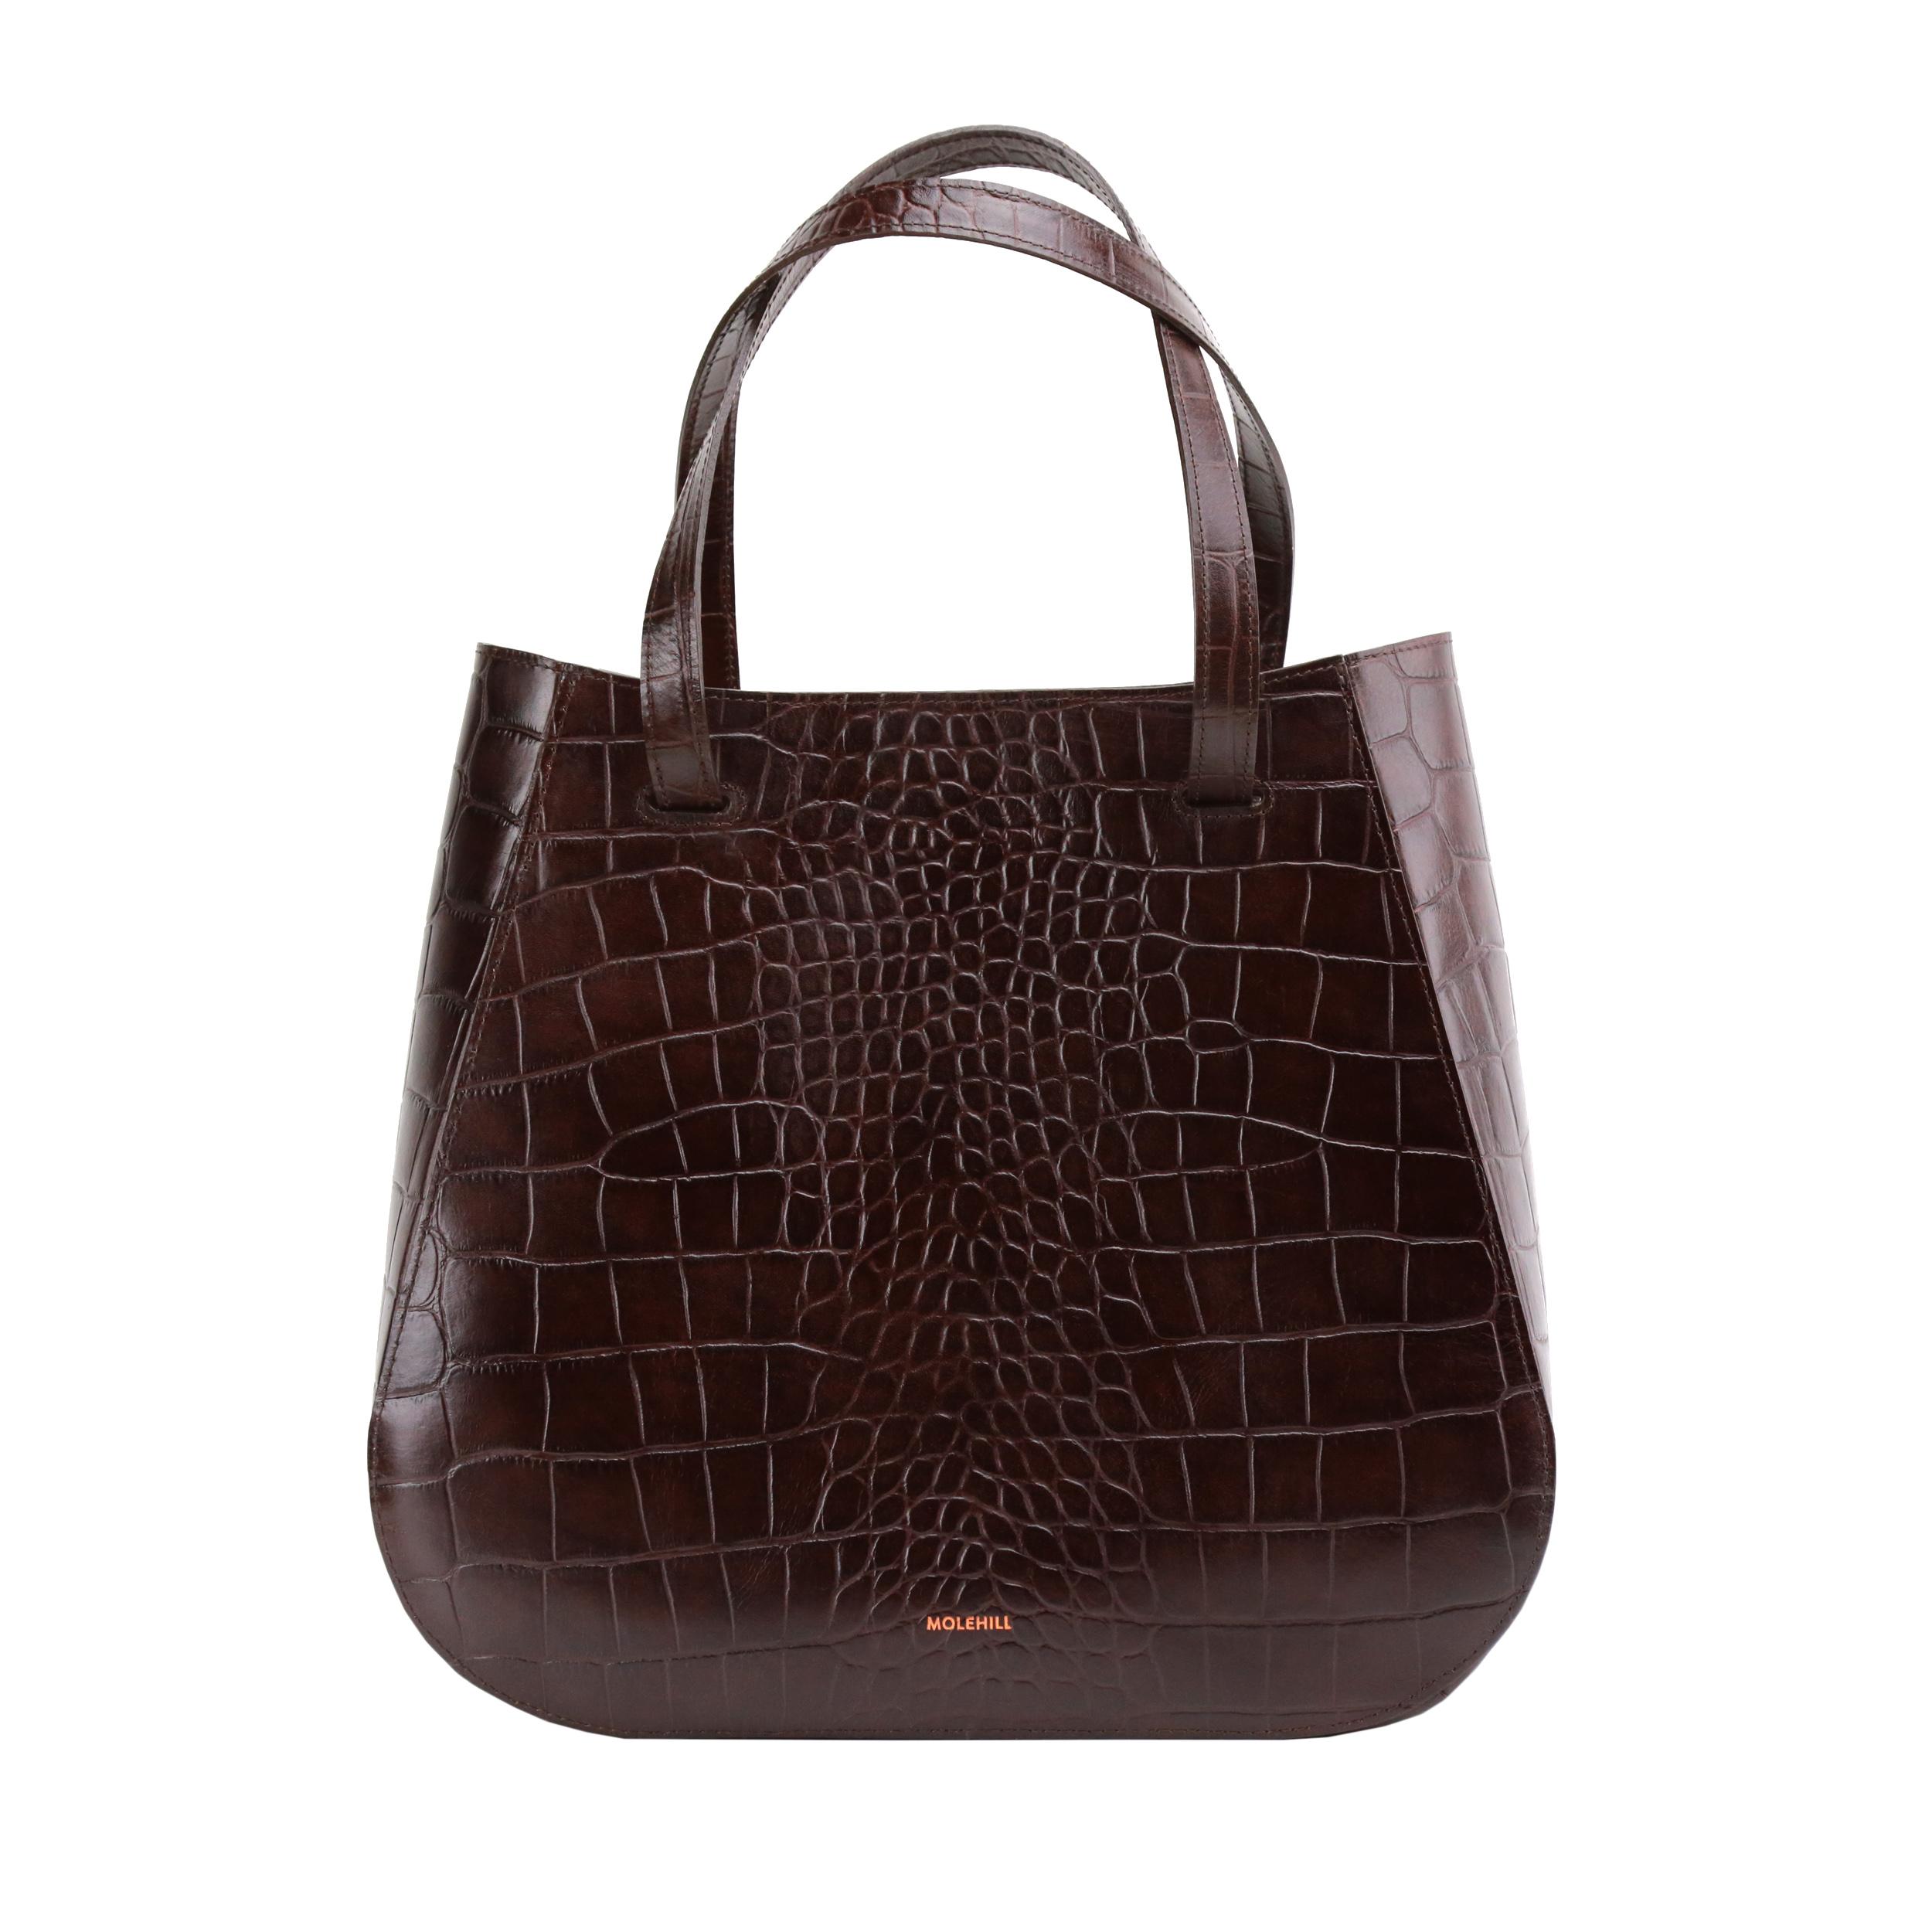 Lesa-Medium-Bag-Croco-Brown-Special-Edition-1